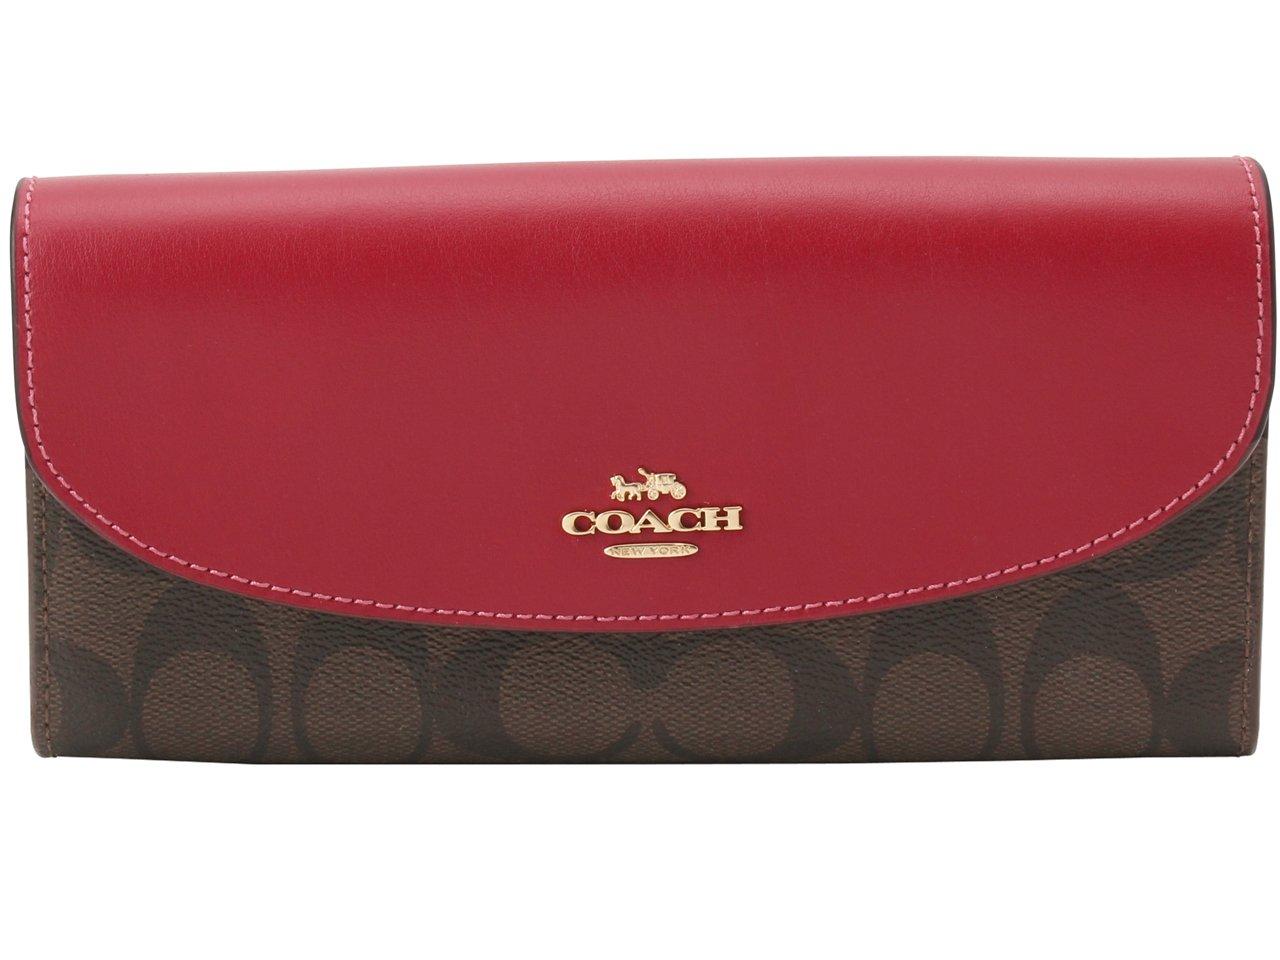 (コーチ) COACH 財布 長財布 二つ折り シグネチャー SLIM ENVELOPE F54022 アウトレット [並行輸入品] B07DWQWLBB ブラウン/ブライトレッド ブラウン/ブライトレッド